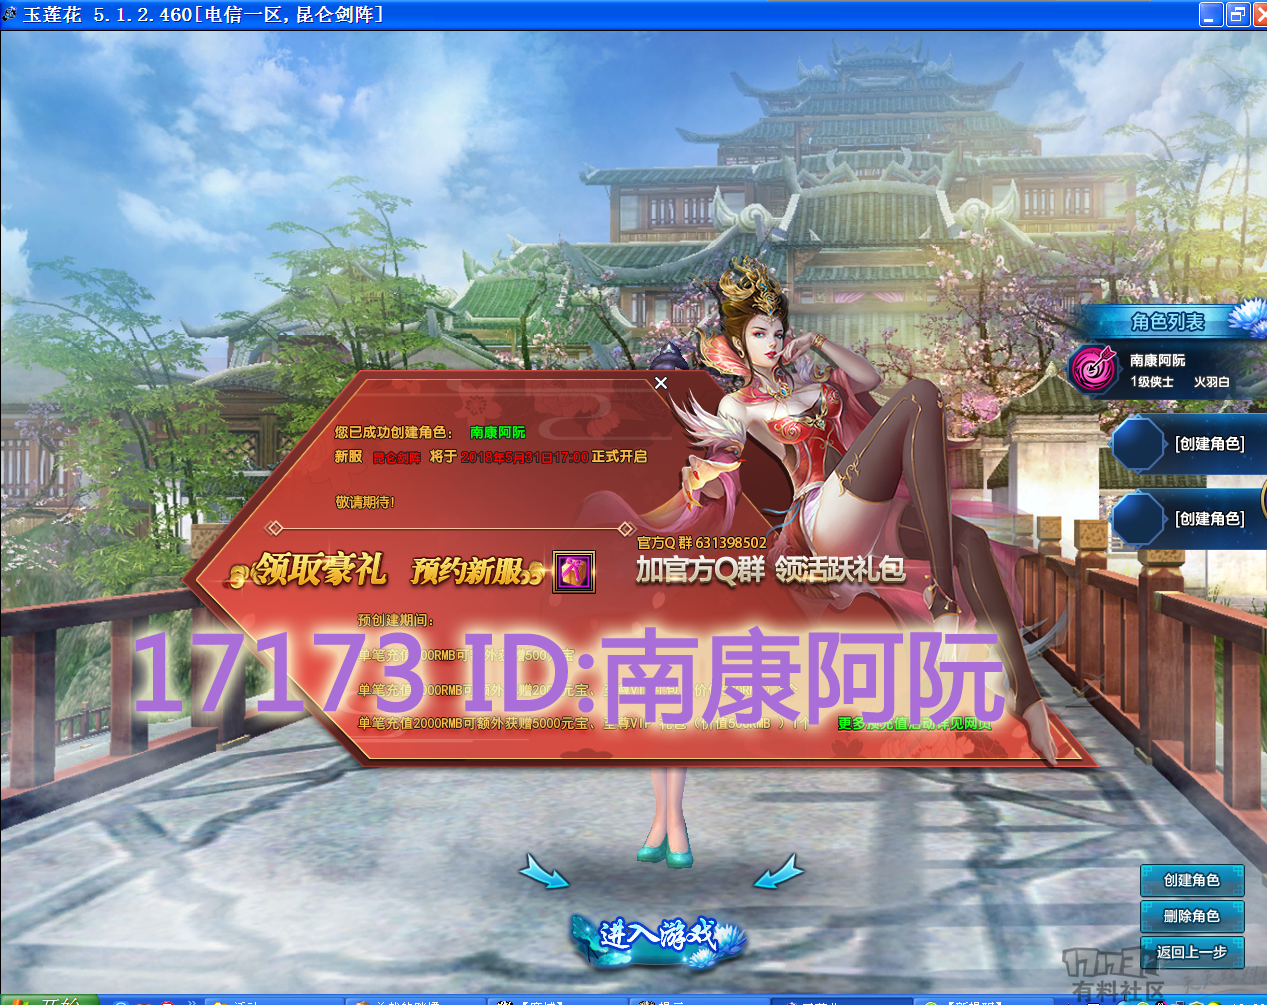 17173玉莲花角色.png